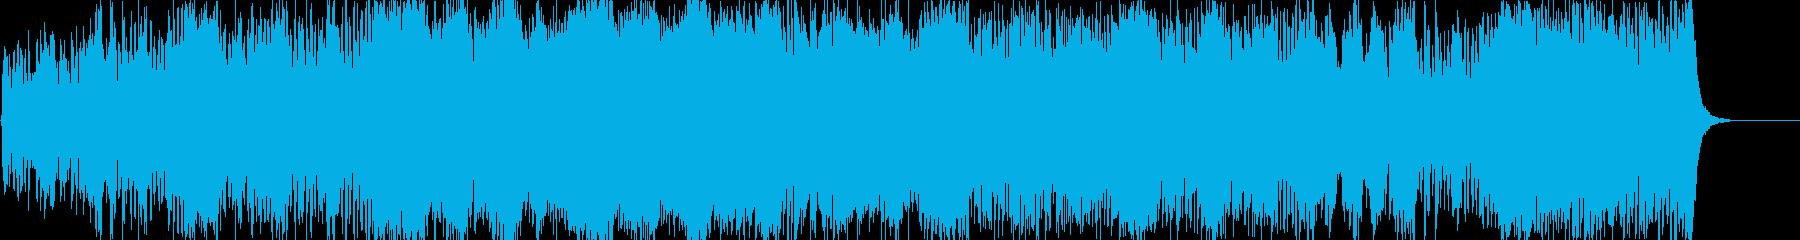 ハリウッド系オーケストラ 緊張感 走るの再生済みの波形